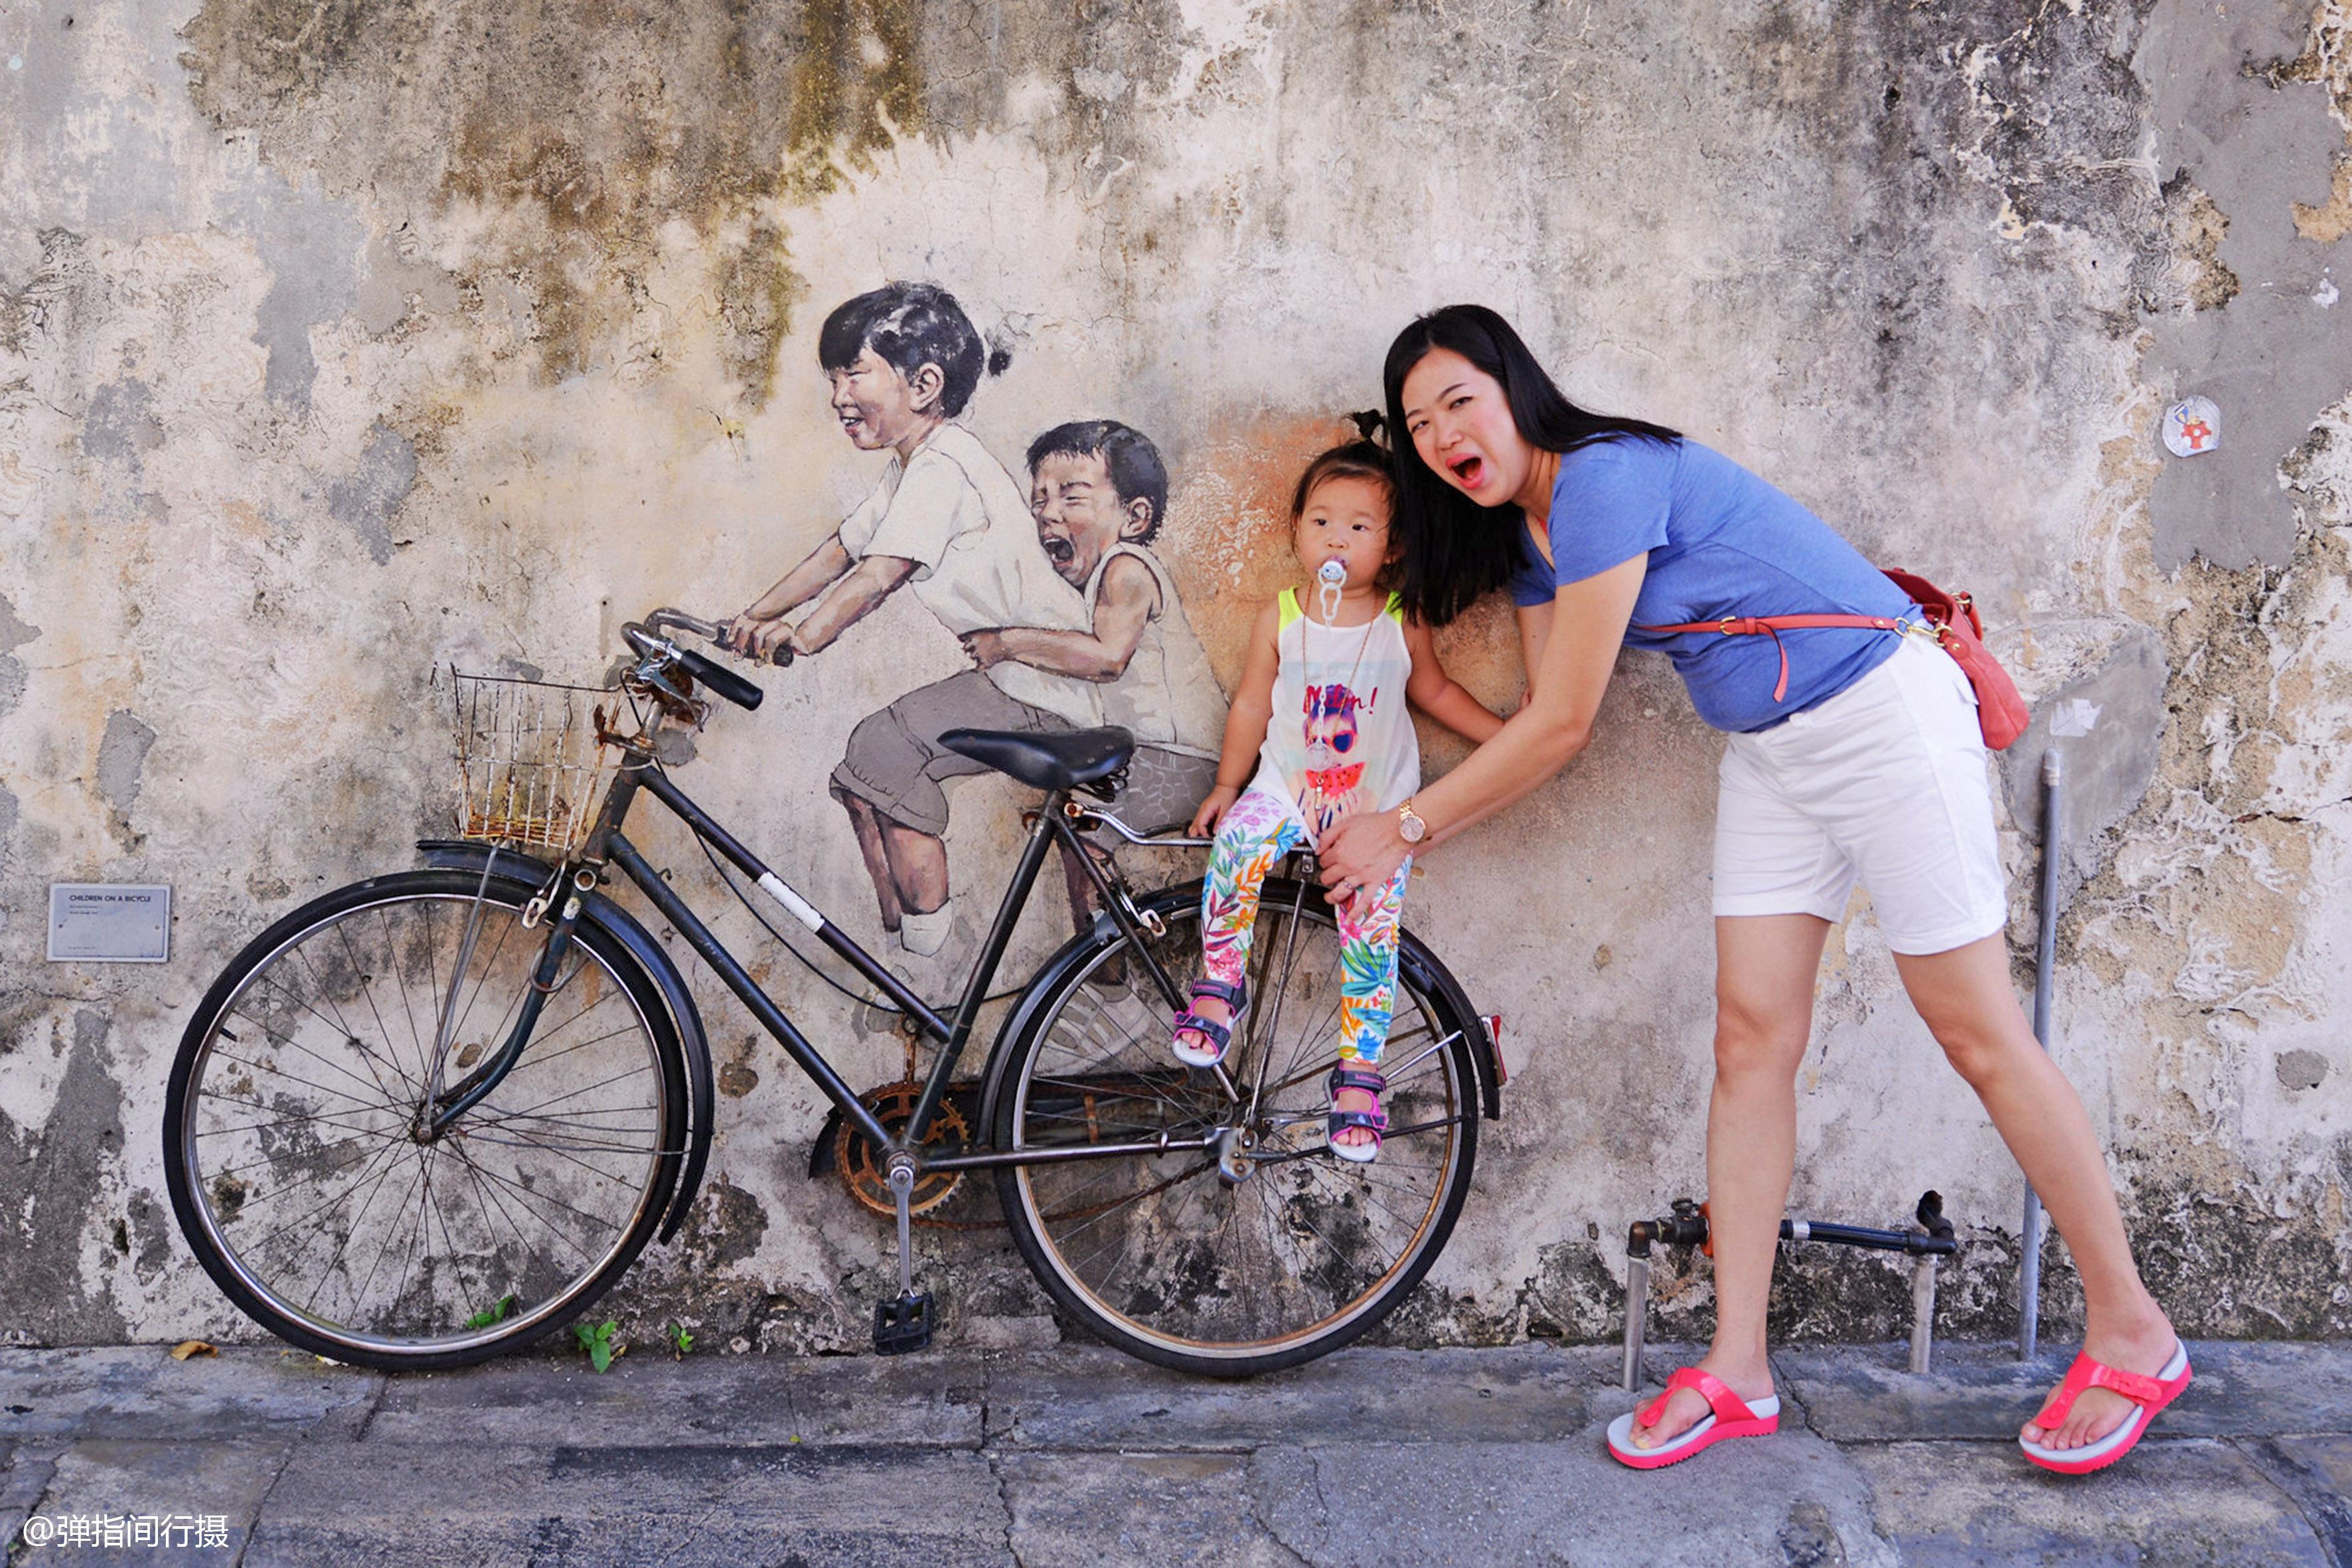 靠街头涂鸦出名的马来西亚槟城,后被很多中国古镇效仿,你咋看?